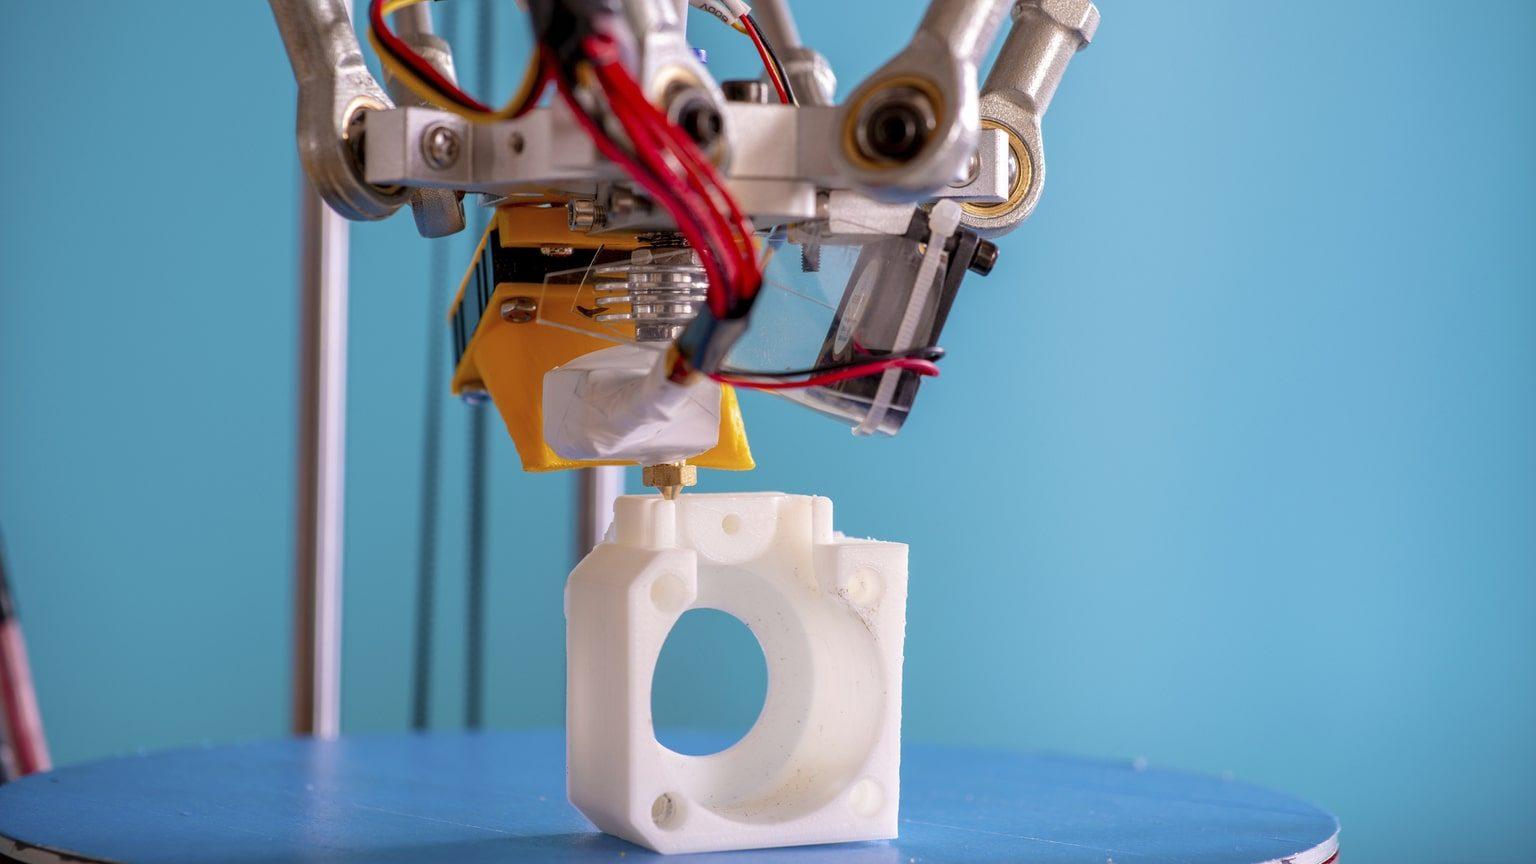 Closeup of 3D printer